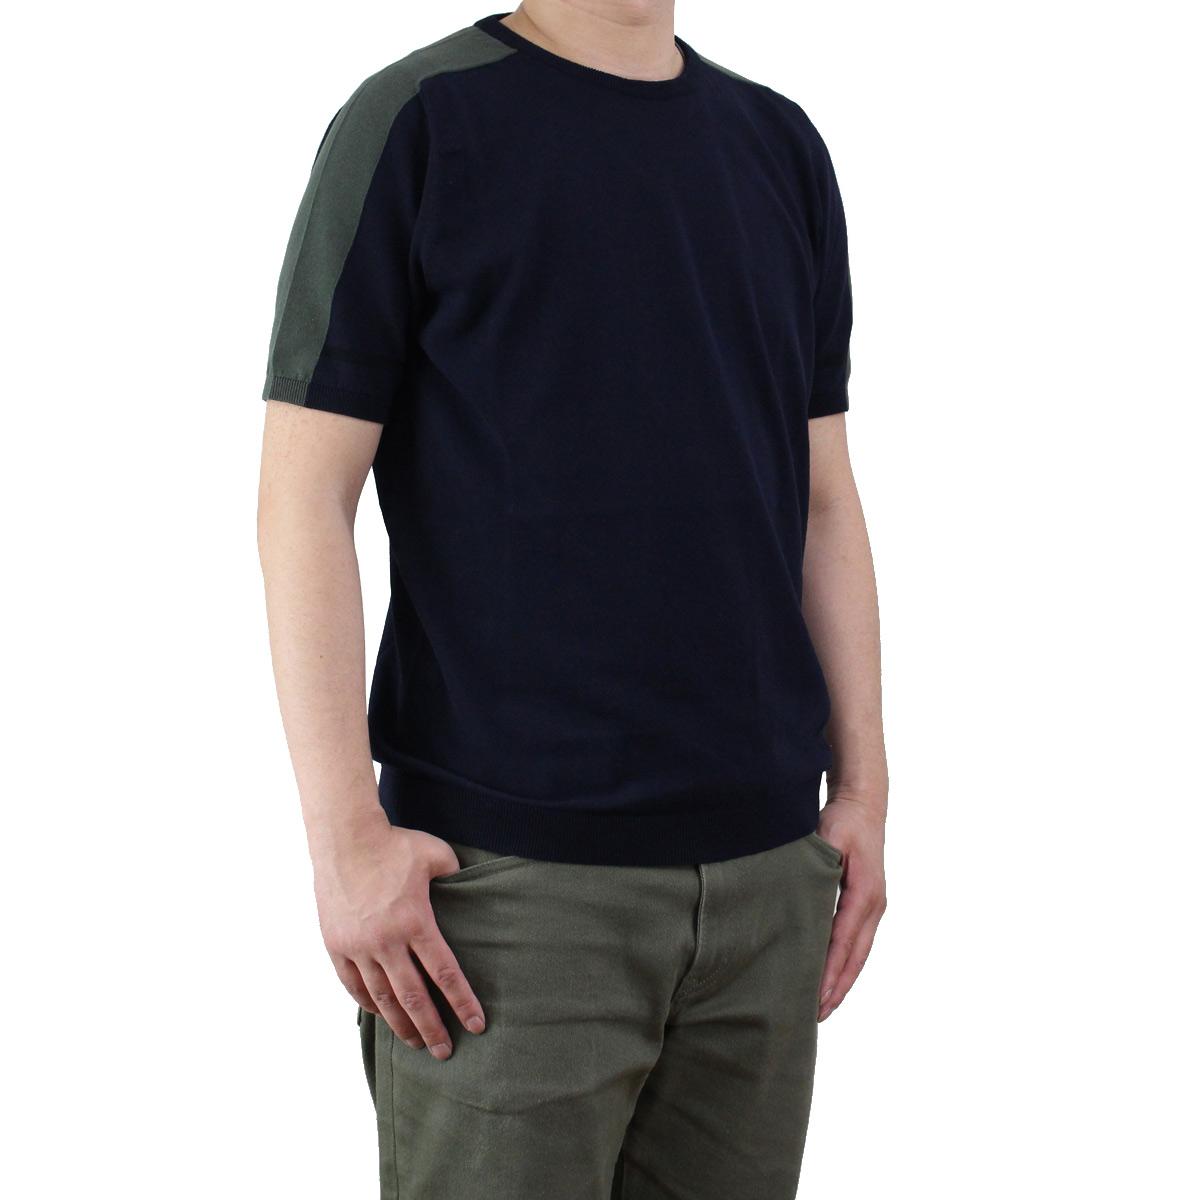 バーク Bark  メンズ 半袖 サマー セーター 71B6002 254 NAVY  メンズ OLS-4